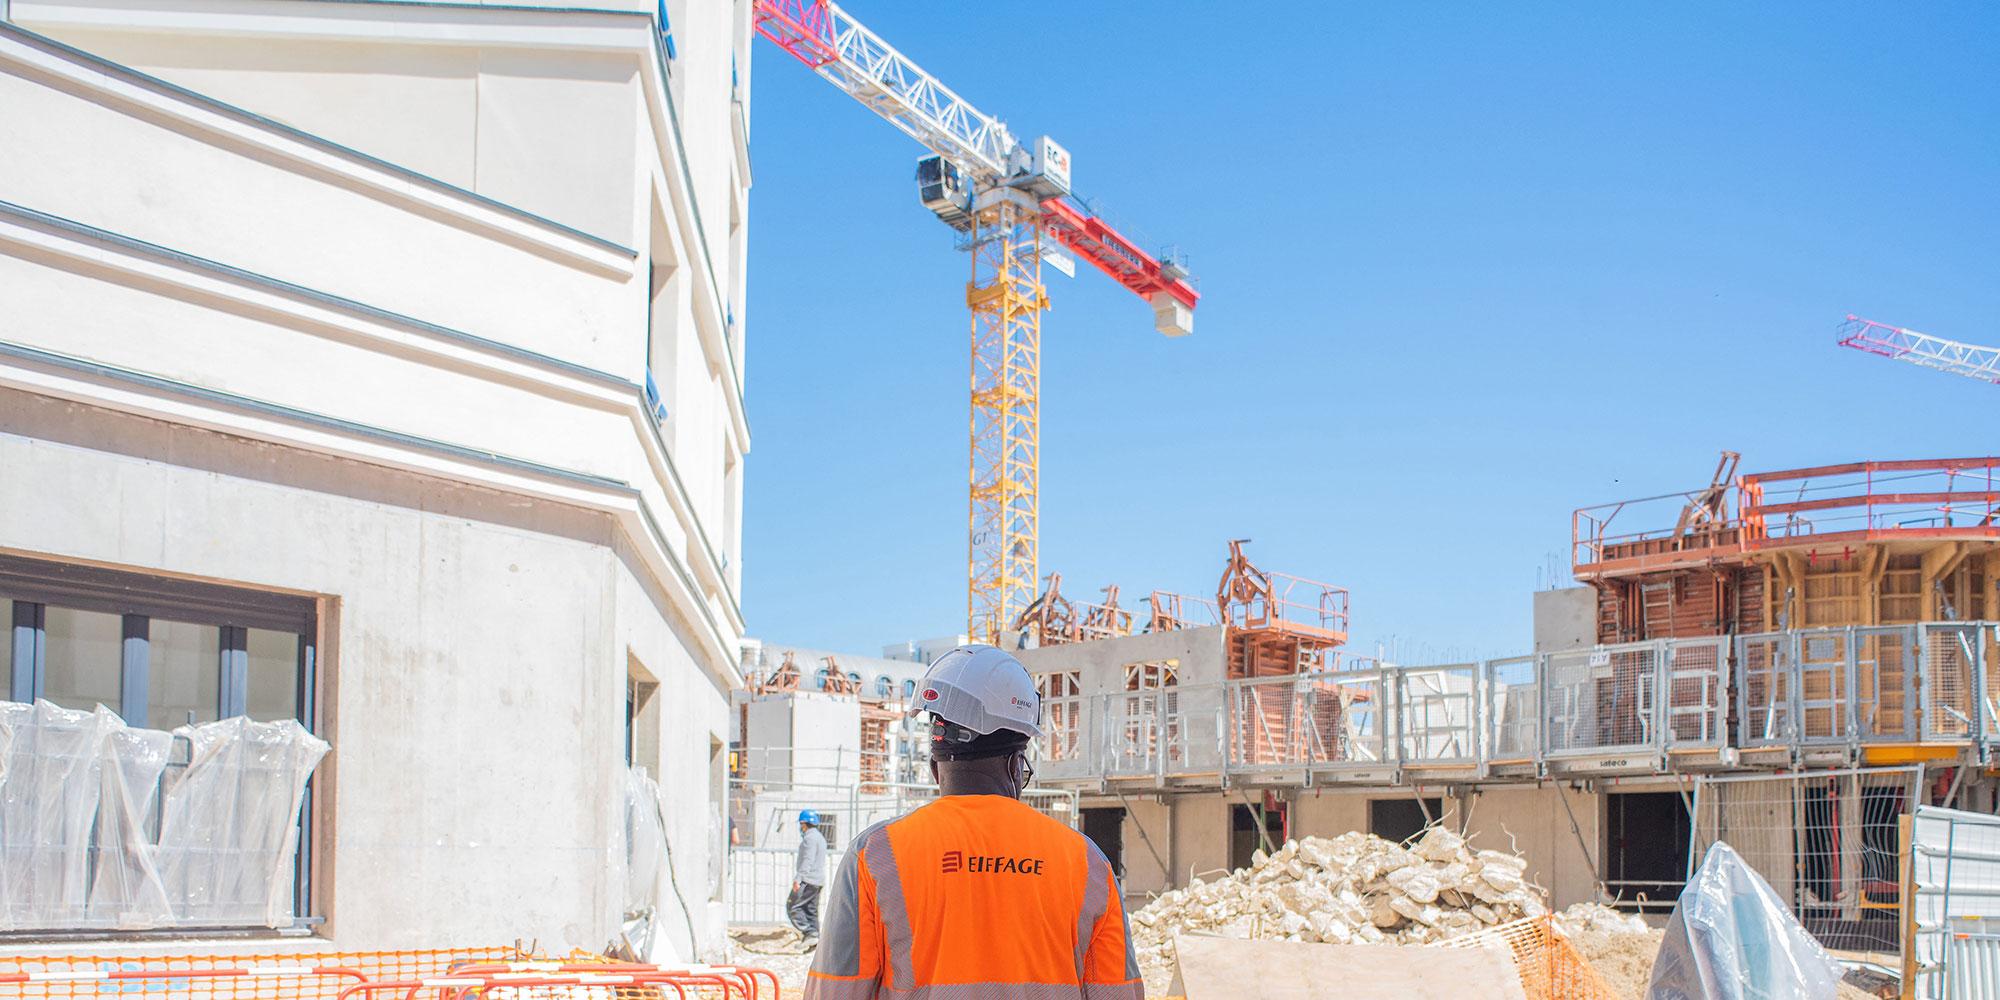 Immobilier : après la suspension des chantiers à cause du Covid-19, le neuf se relance